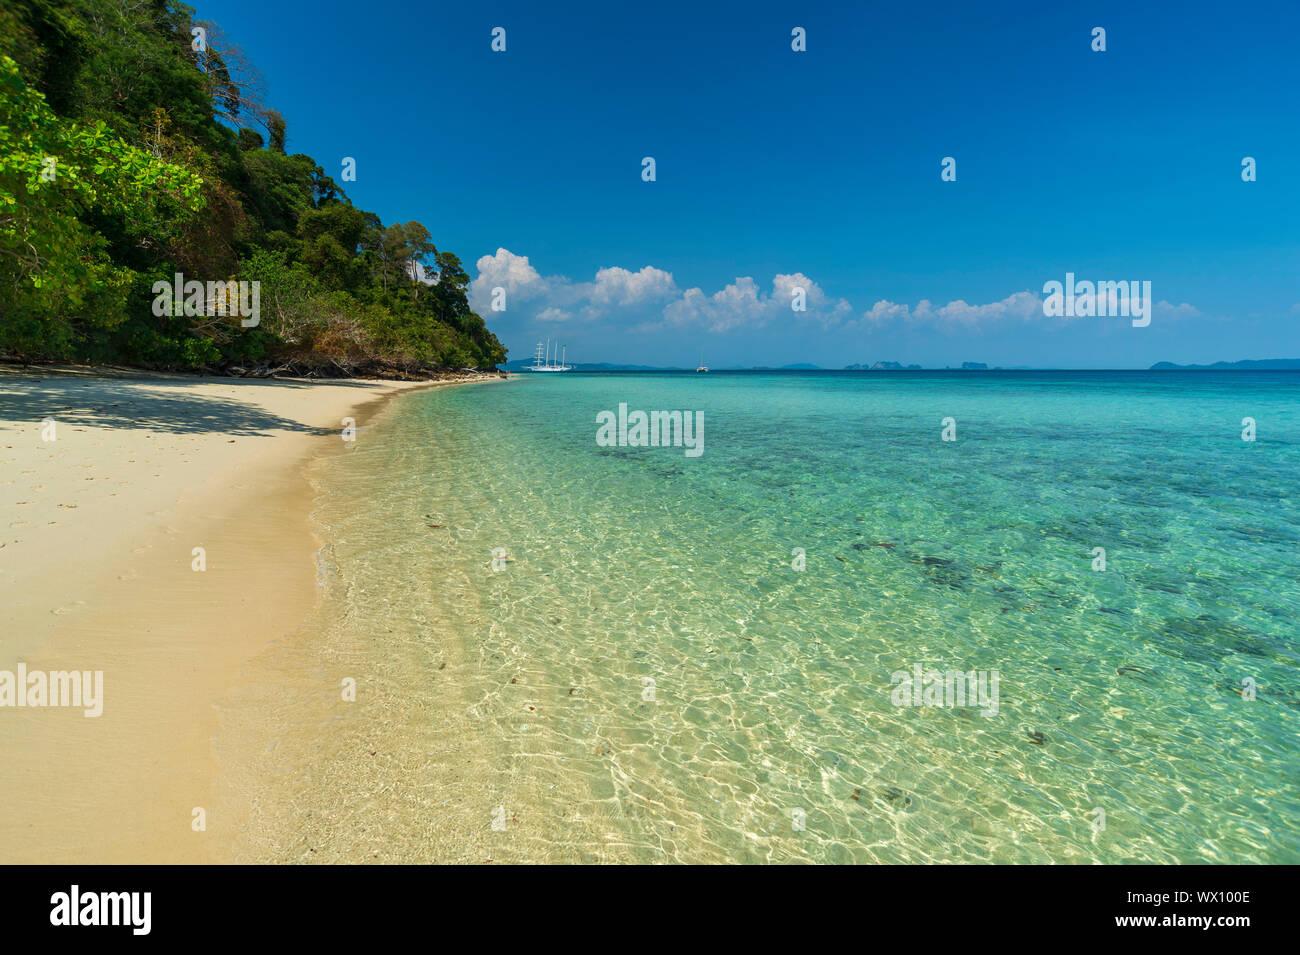 Ko Kradan tropical beach, Thaïlande, Asie du Sud, Asie Banque D'Images